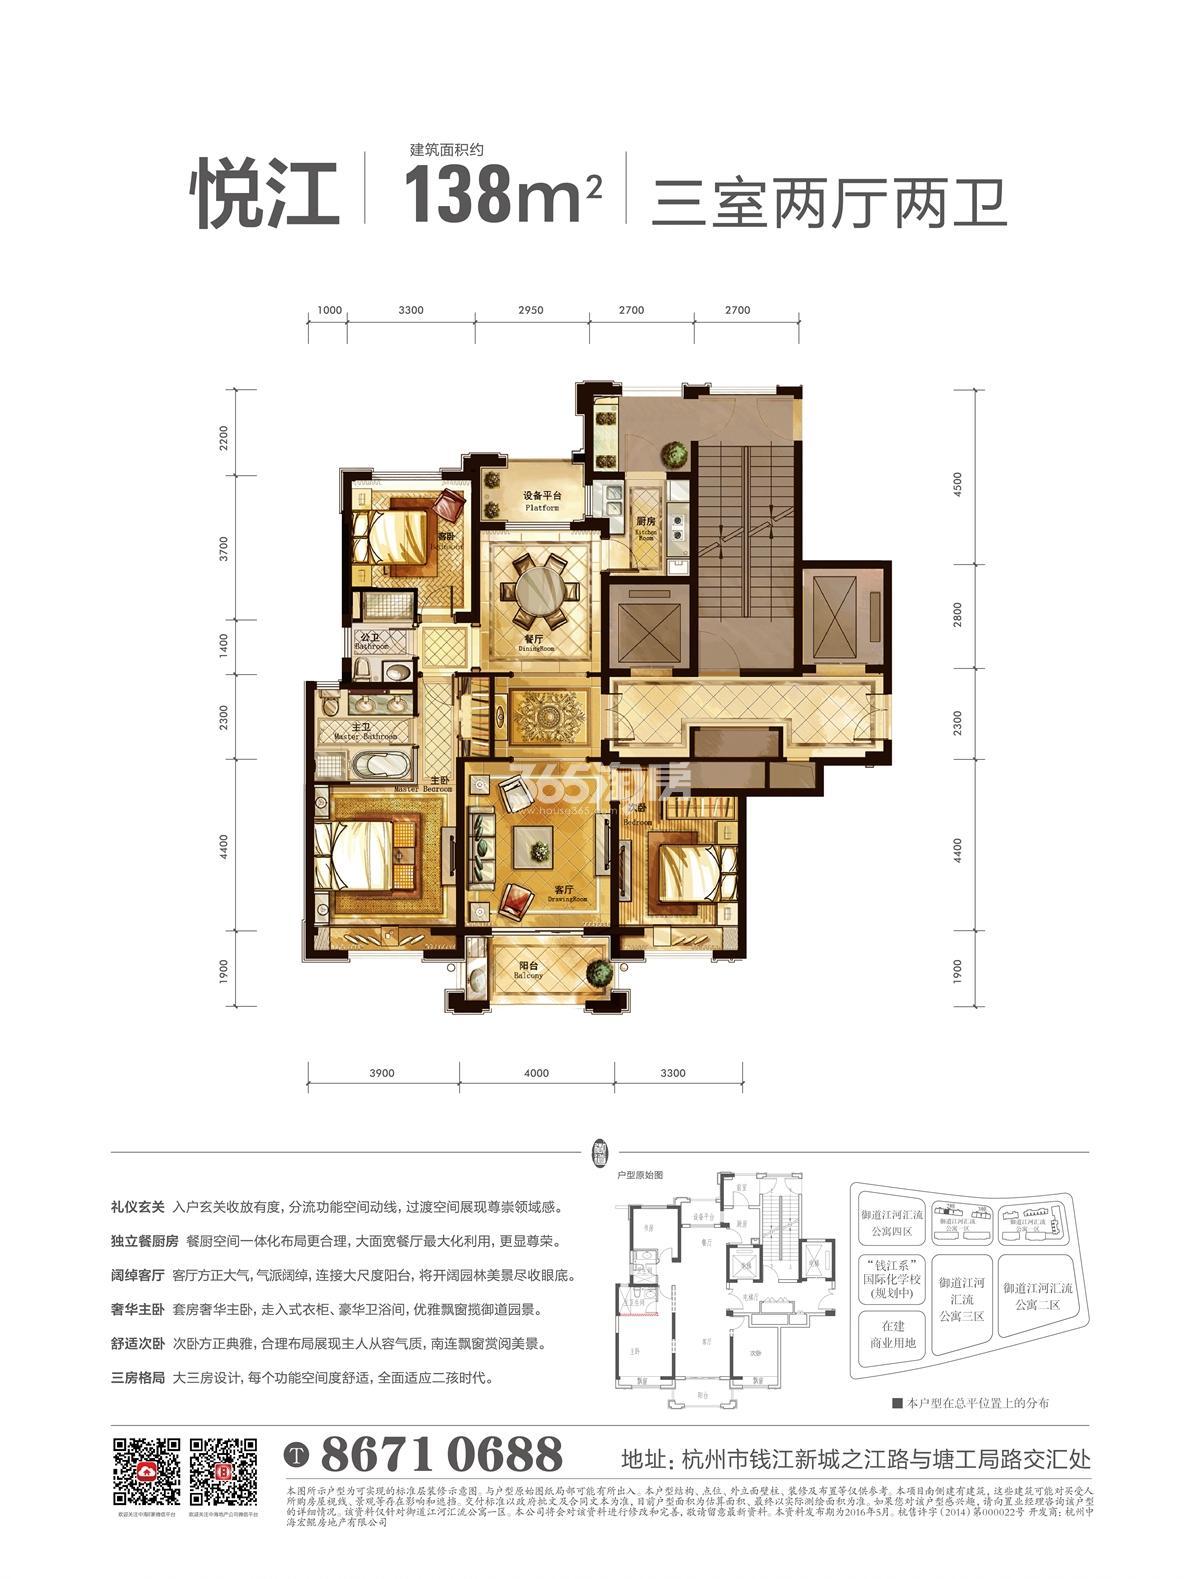 中海御道悦江138方户型图 (2号楼)